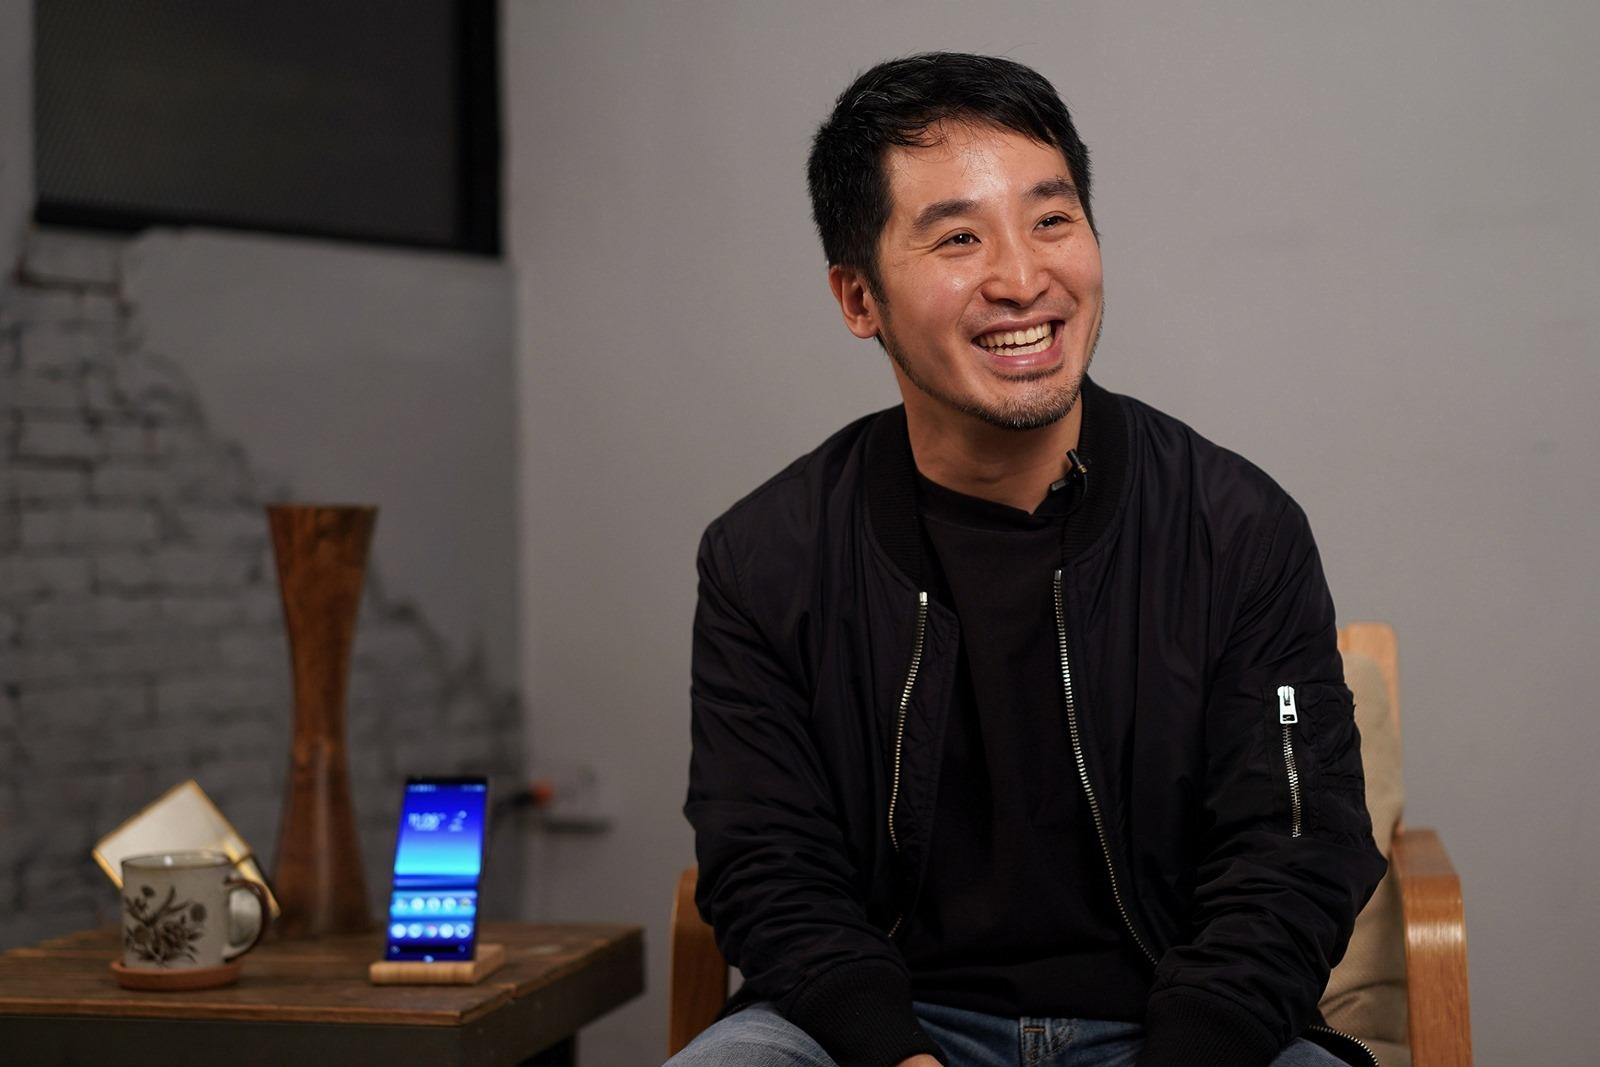 Sony Mobile 攜手知名導演李中 完美詮釋「大師視野」以大師級手機 Xperia 1 捕捉生活笑料 讓精采電影無所不在 @3C 達人廖阿輝